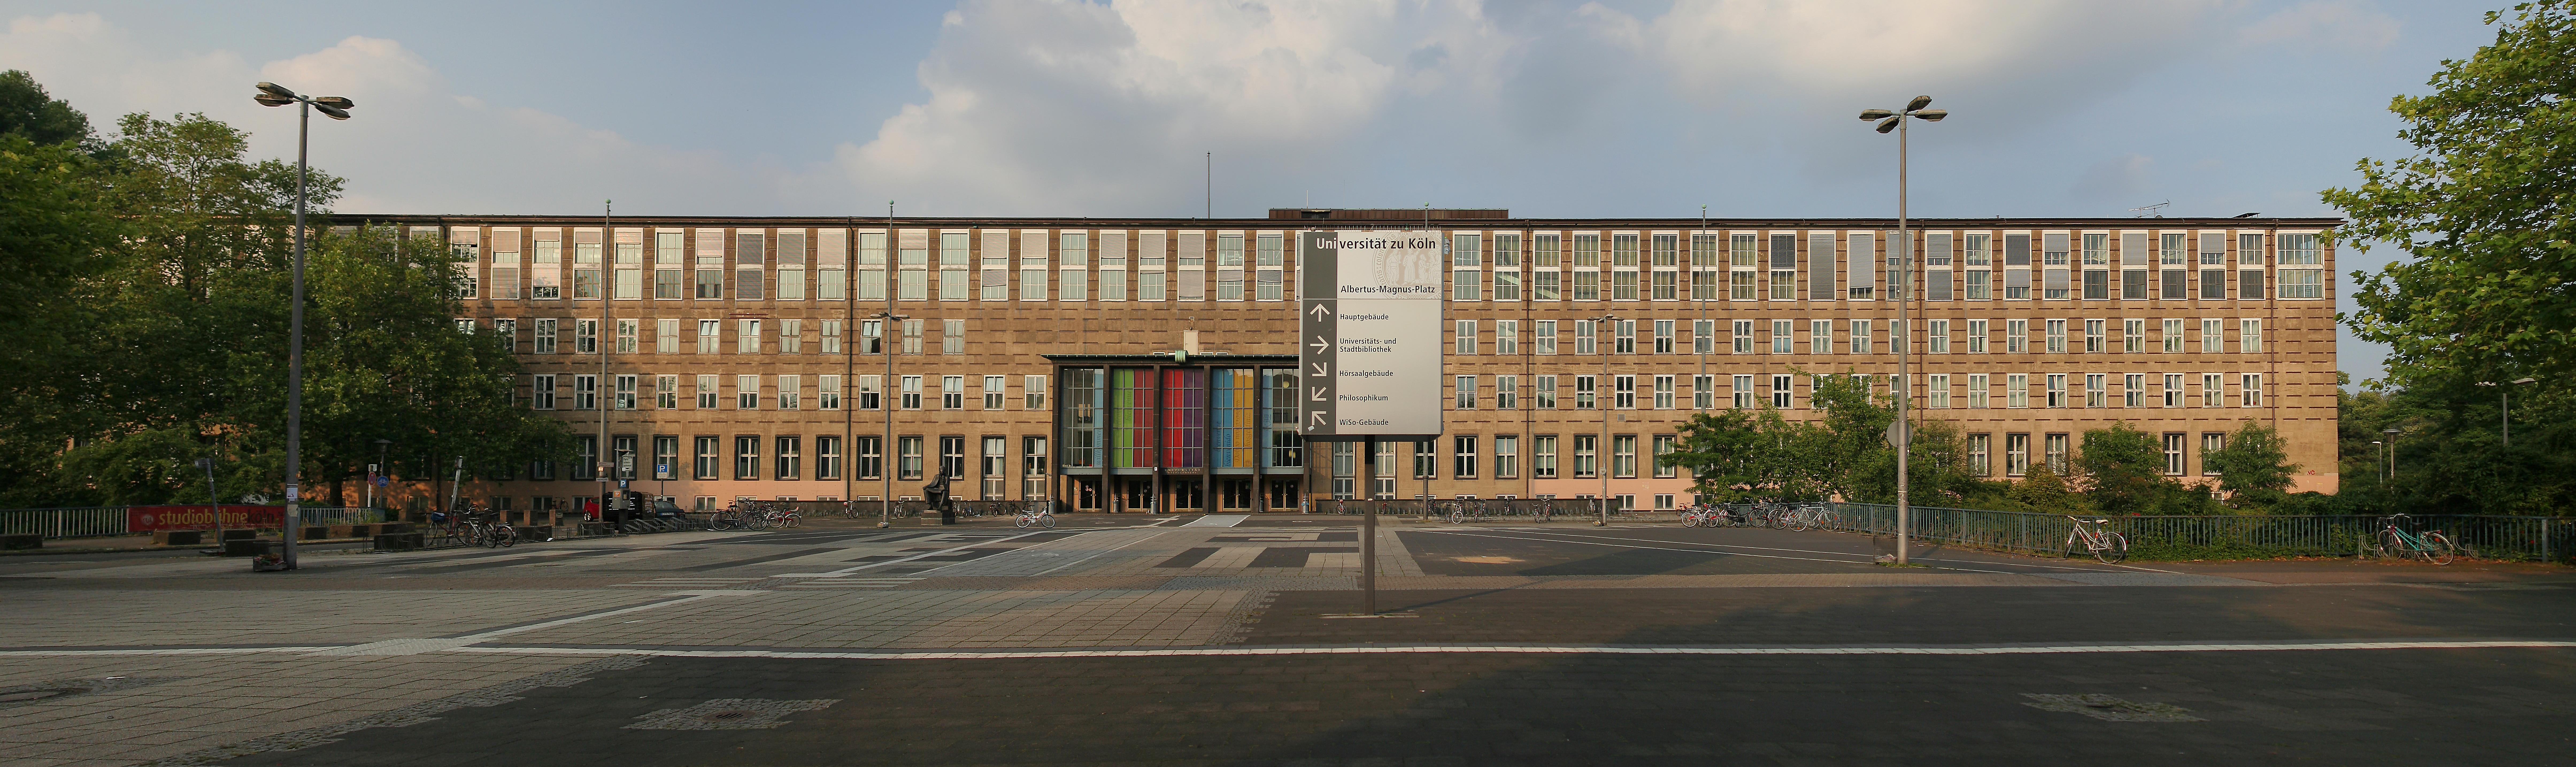 Главный корпус университета на площади Альберта Великого